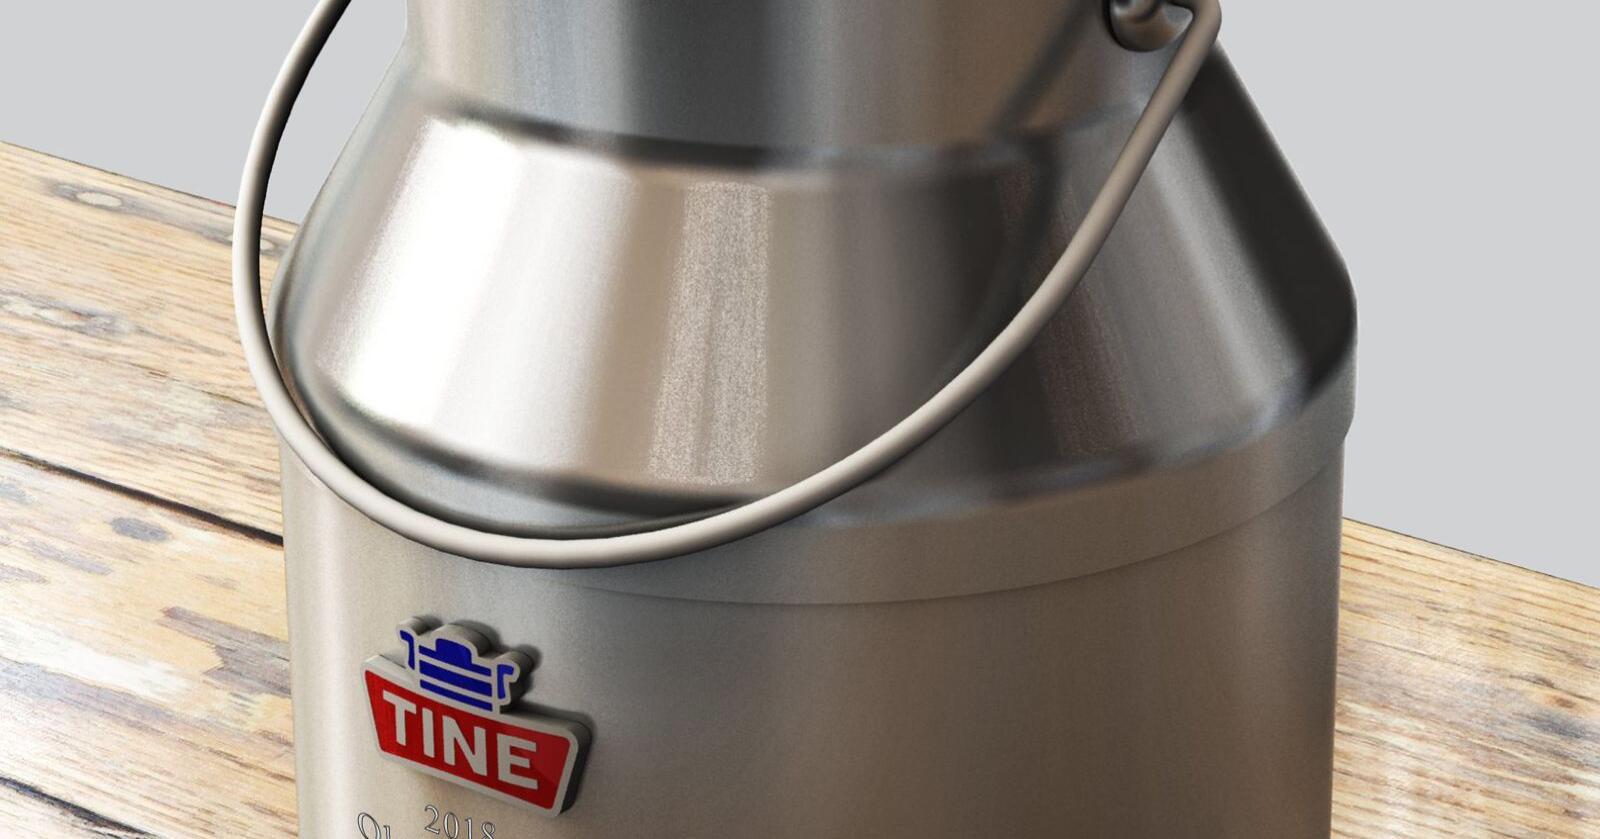 Melkespannet er hedersbemerkelsen som Tine gir til produsenter med 25 års sammenhengende produksjon av elitemelk. Foto: Ragnar Jørgensen/produsenten